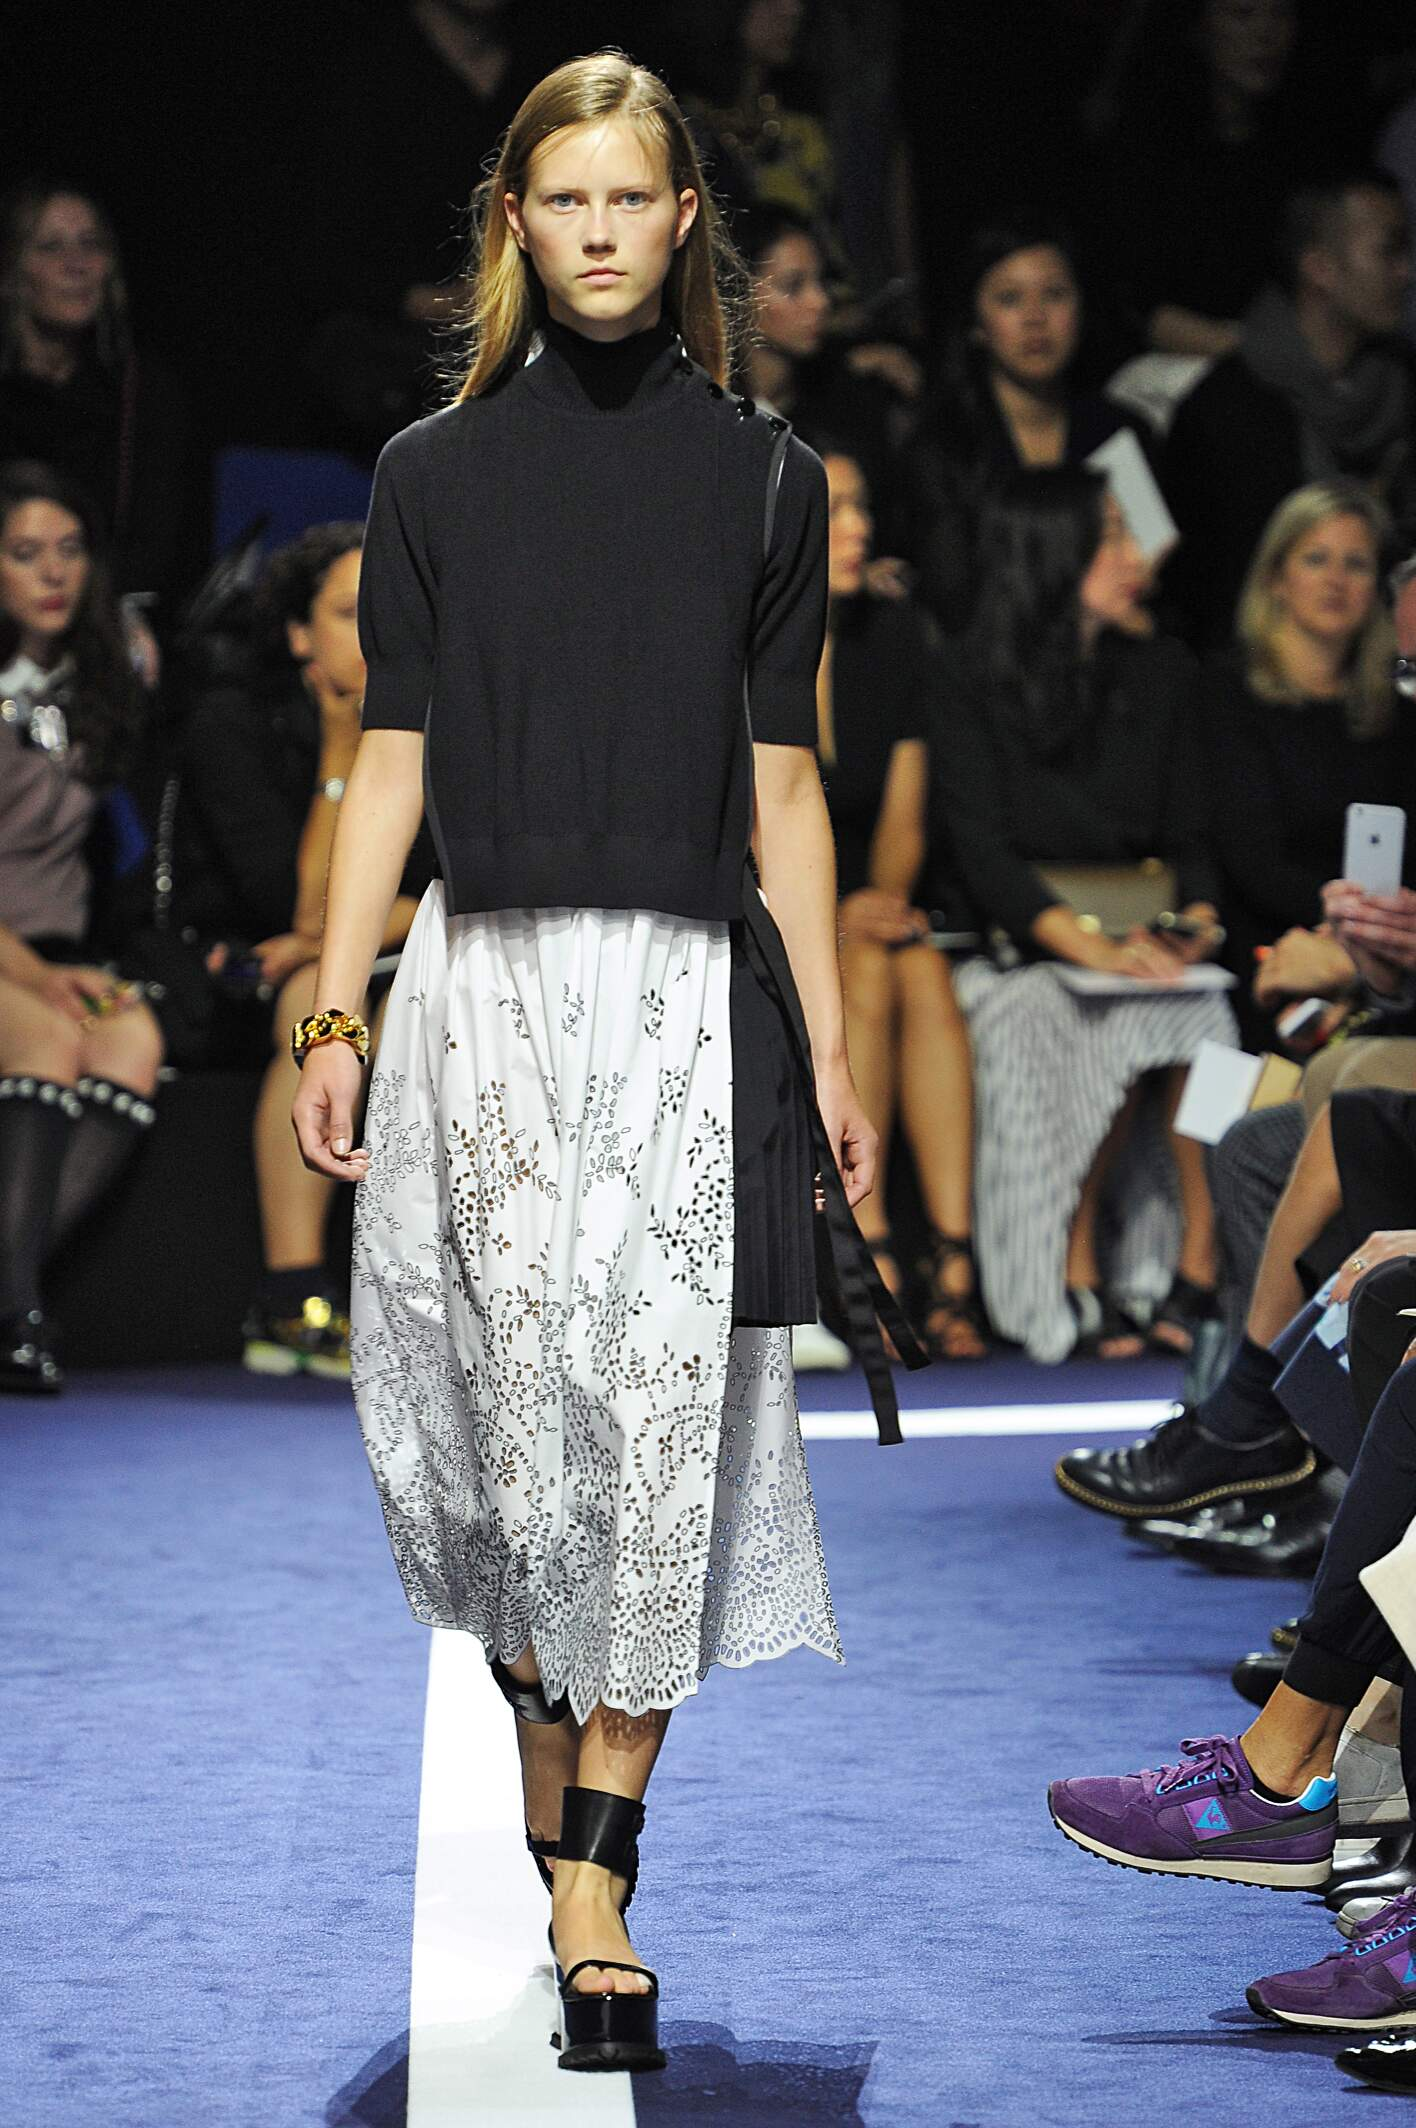 Catwalk Sacai Woman Fashion Show Summer 2015